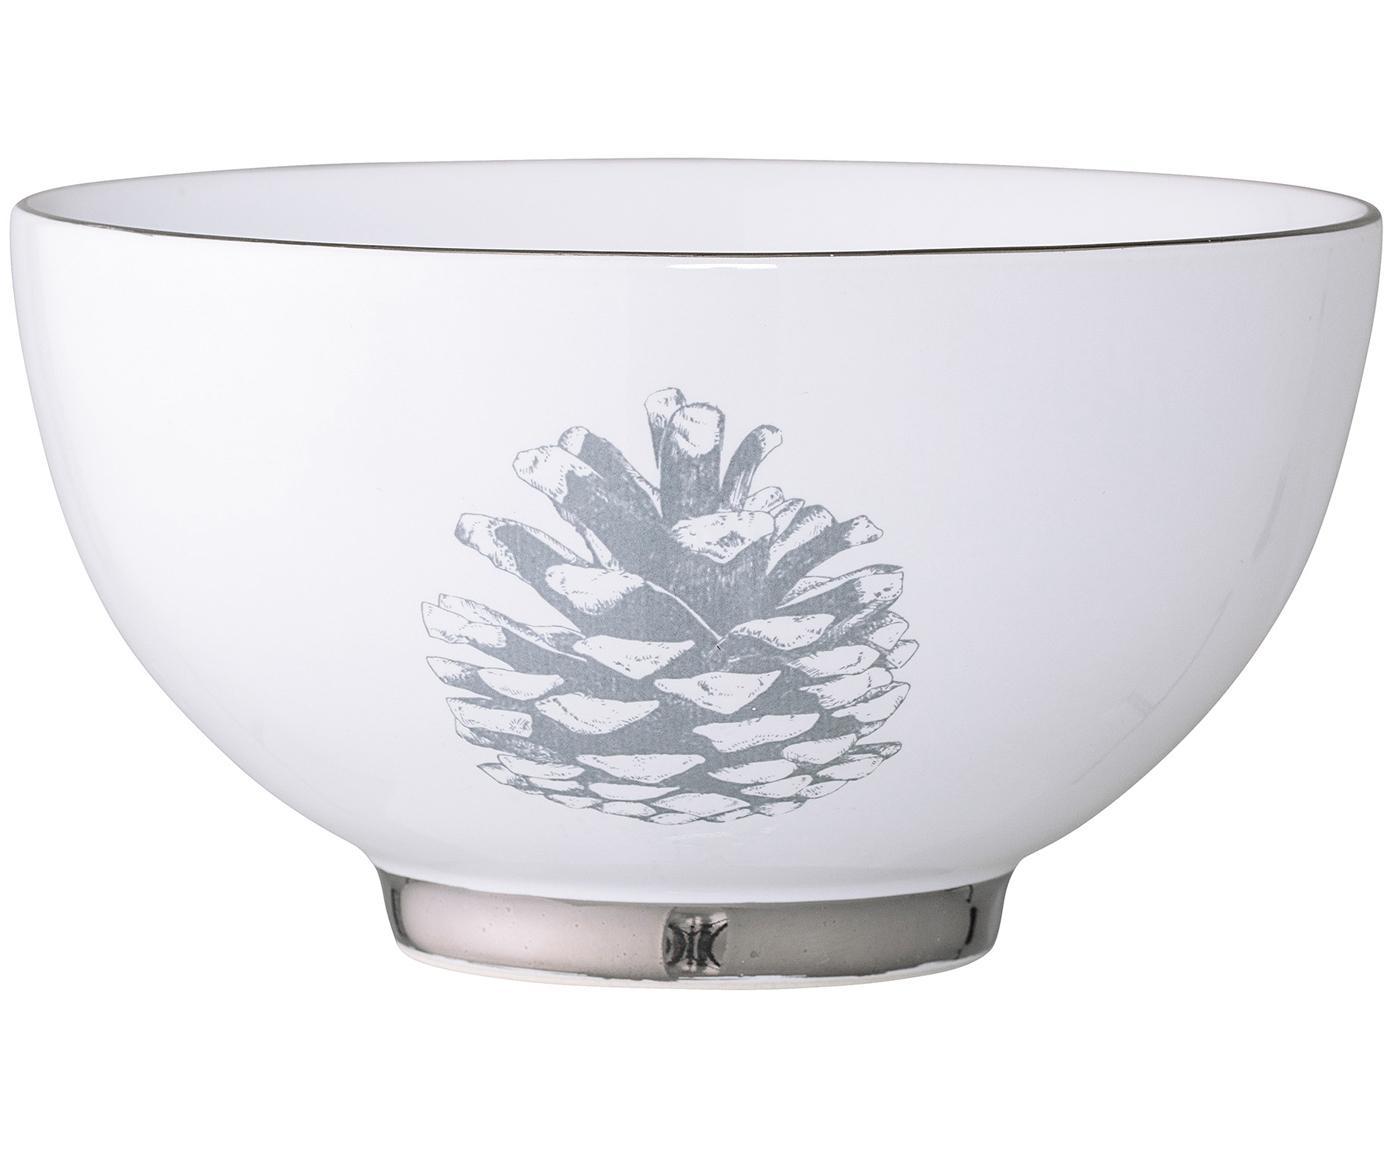 Schälchen Frost mit winterlichem Motiv, 2 Stück, Steingut, Weiß, Silberfarben, Hellgrau, Ø 14 x H 8 cm